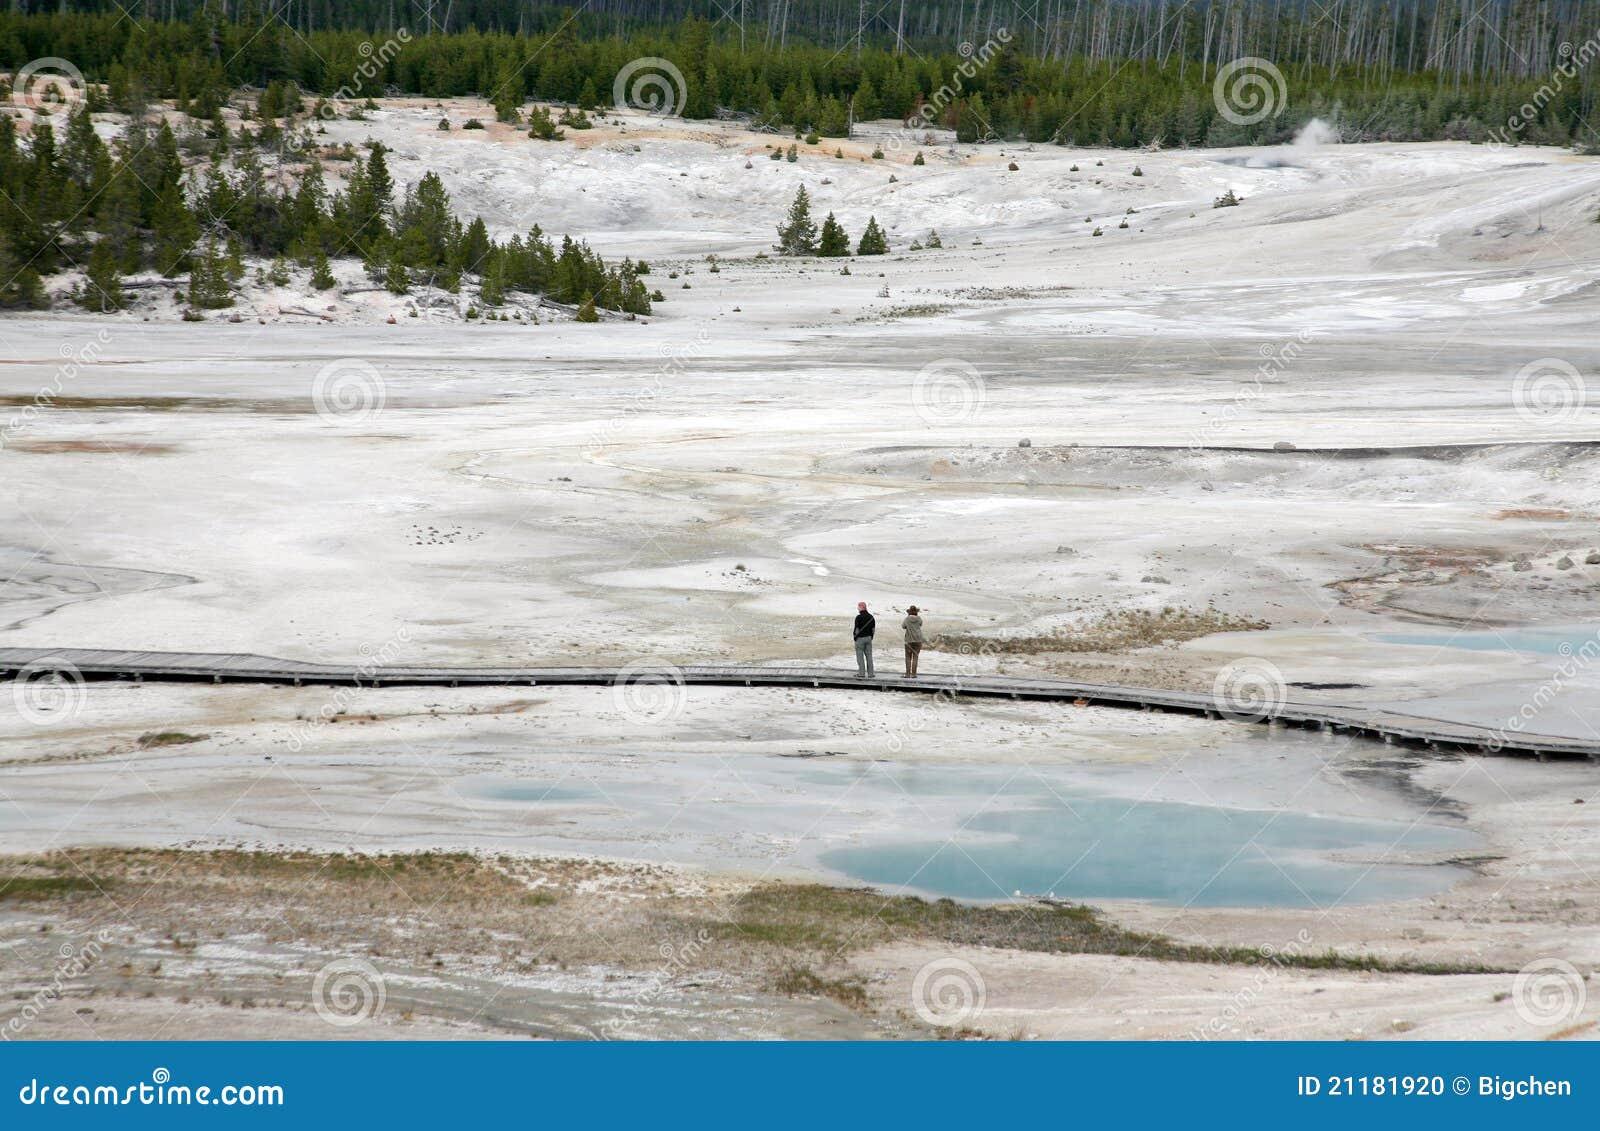 Geyser lake in yellowstone